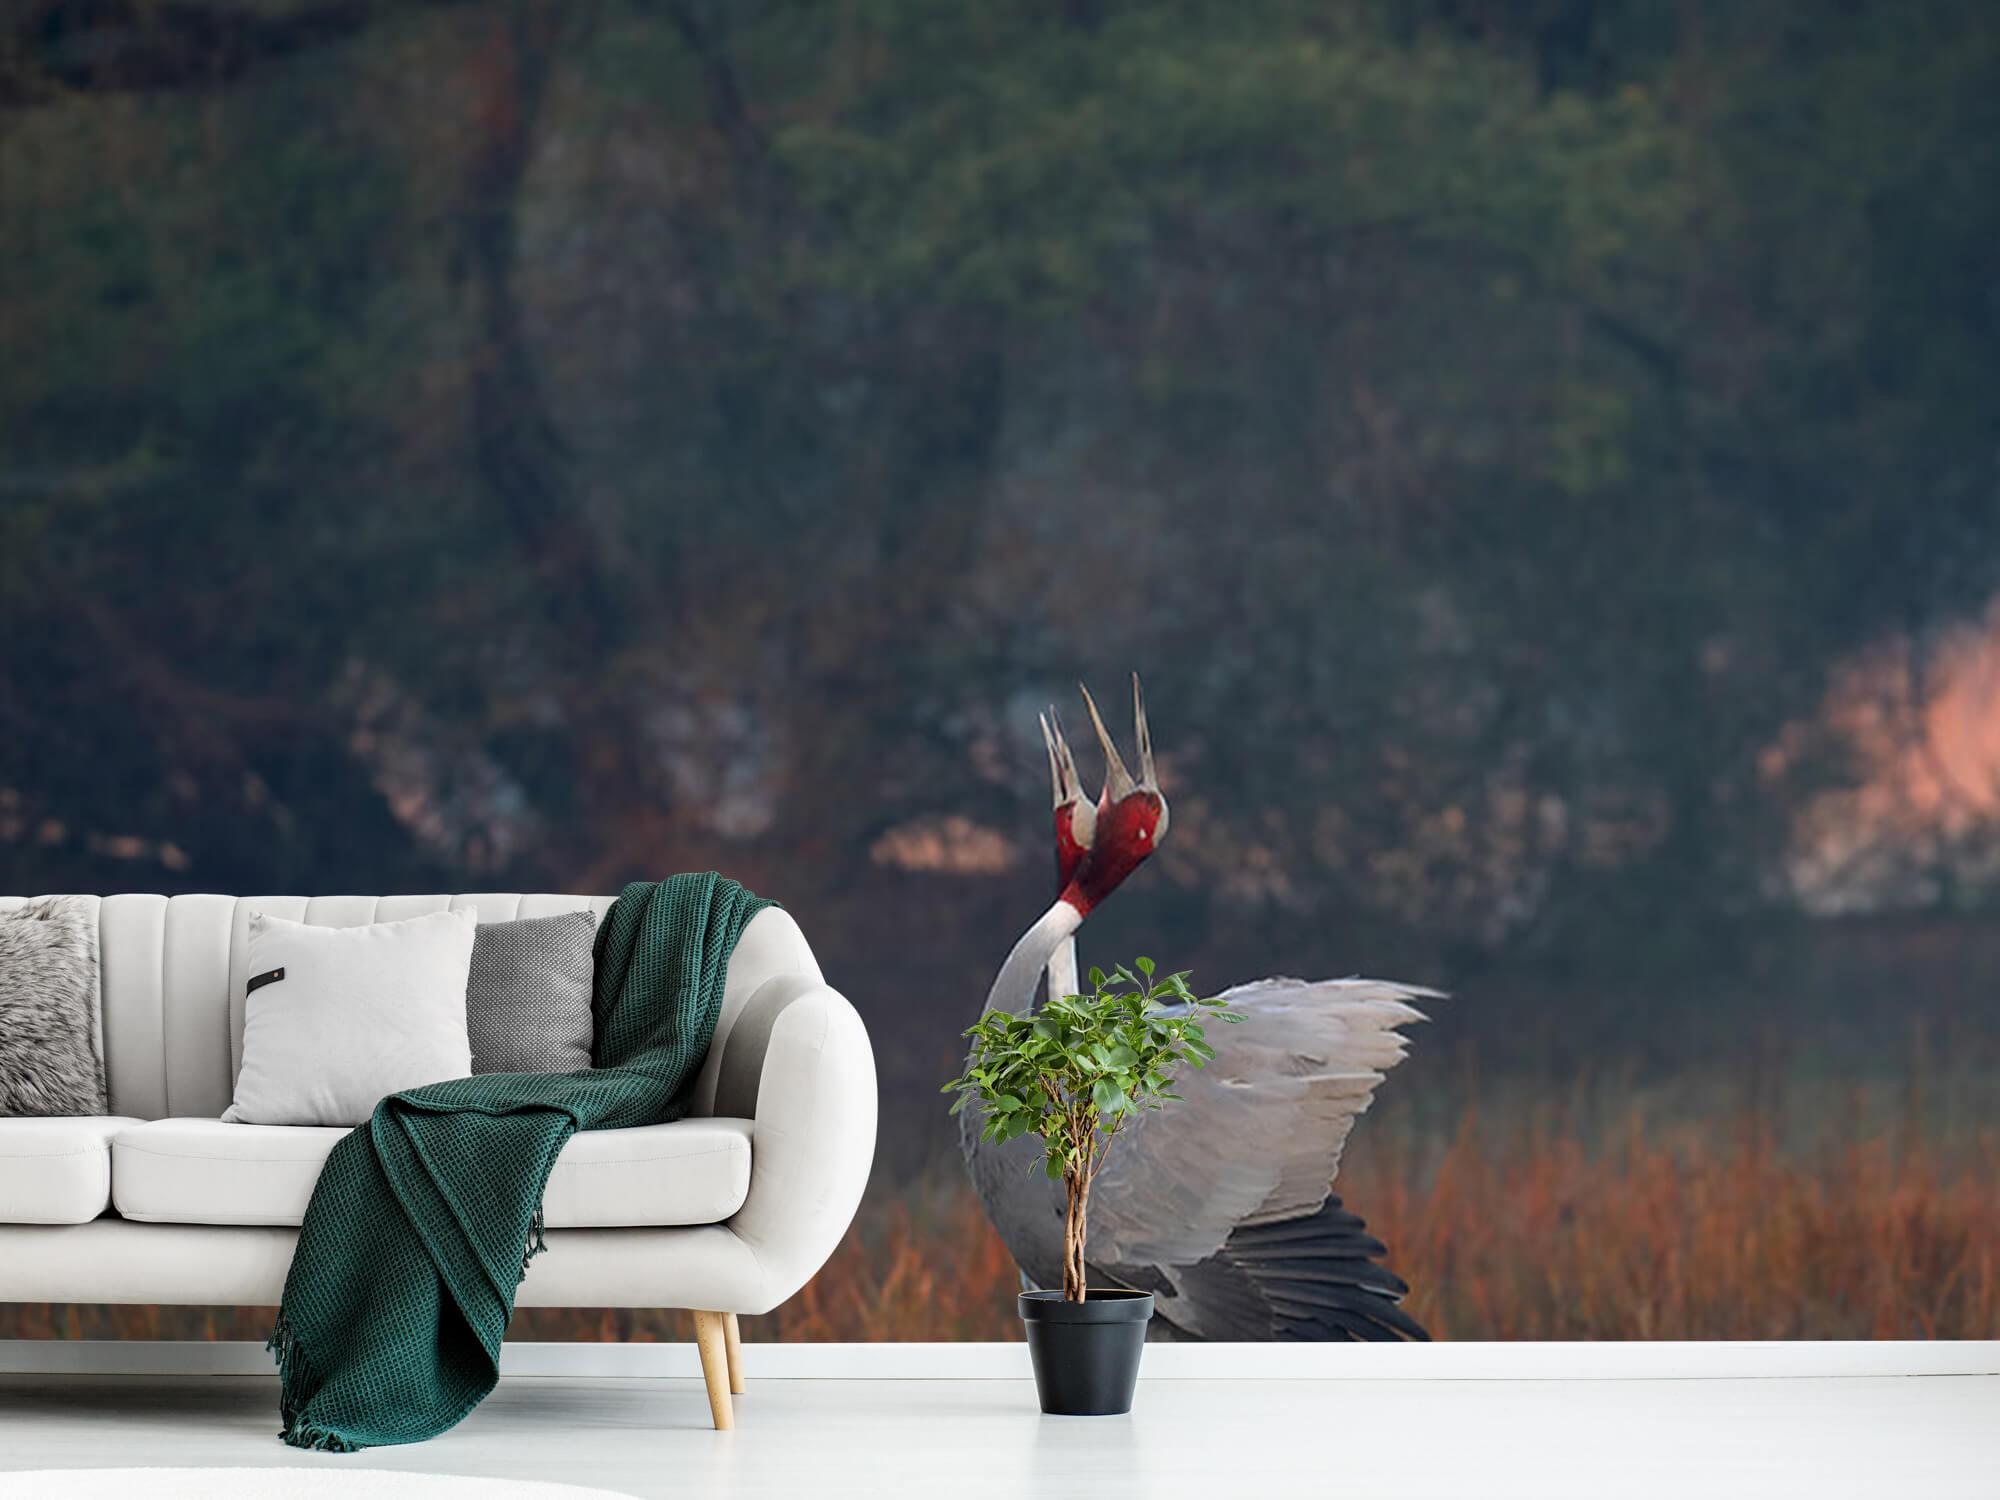 Kraanvogel stel 2